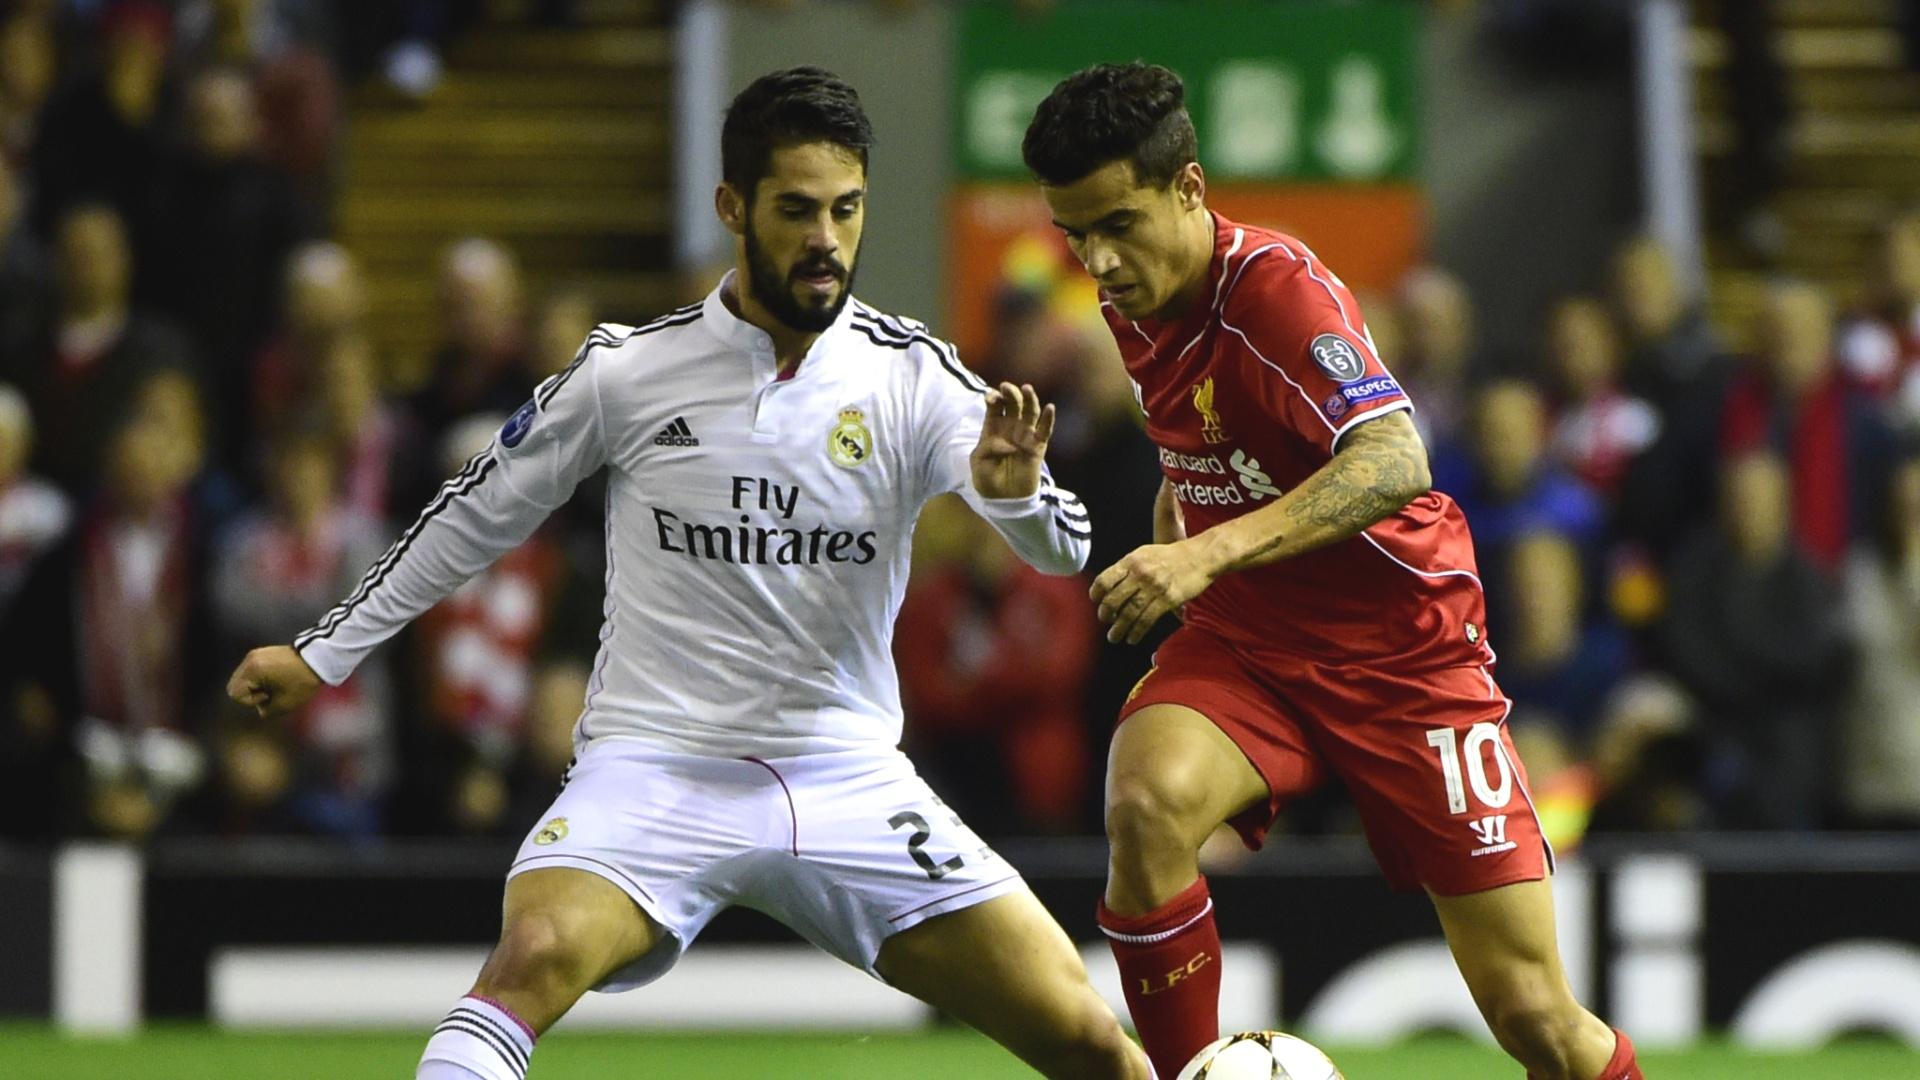 Isco (branco) e Philippe Coutinho (vermelho) disputam bola durante jogo entre Liverpool e Real Madrid